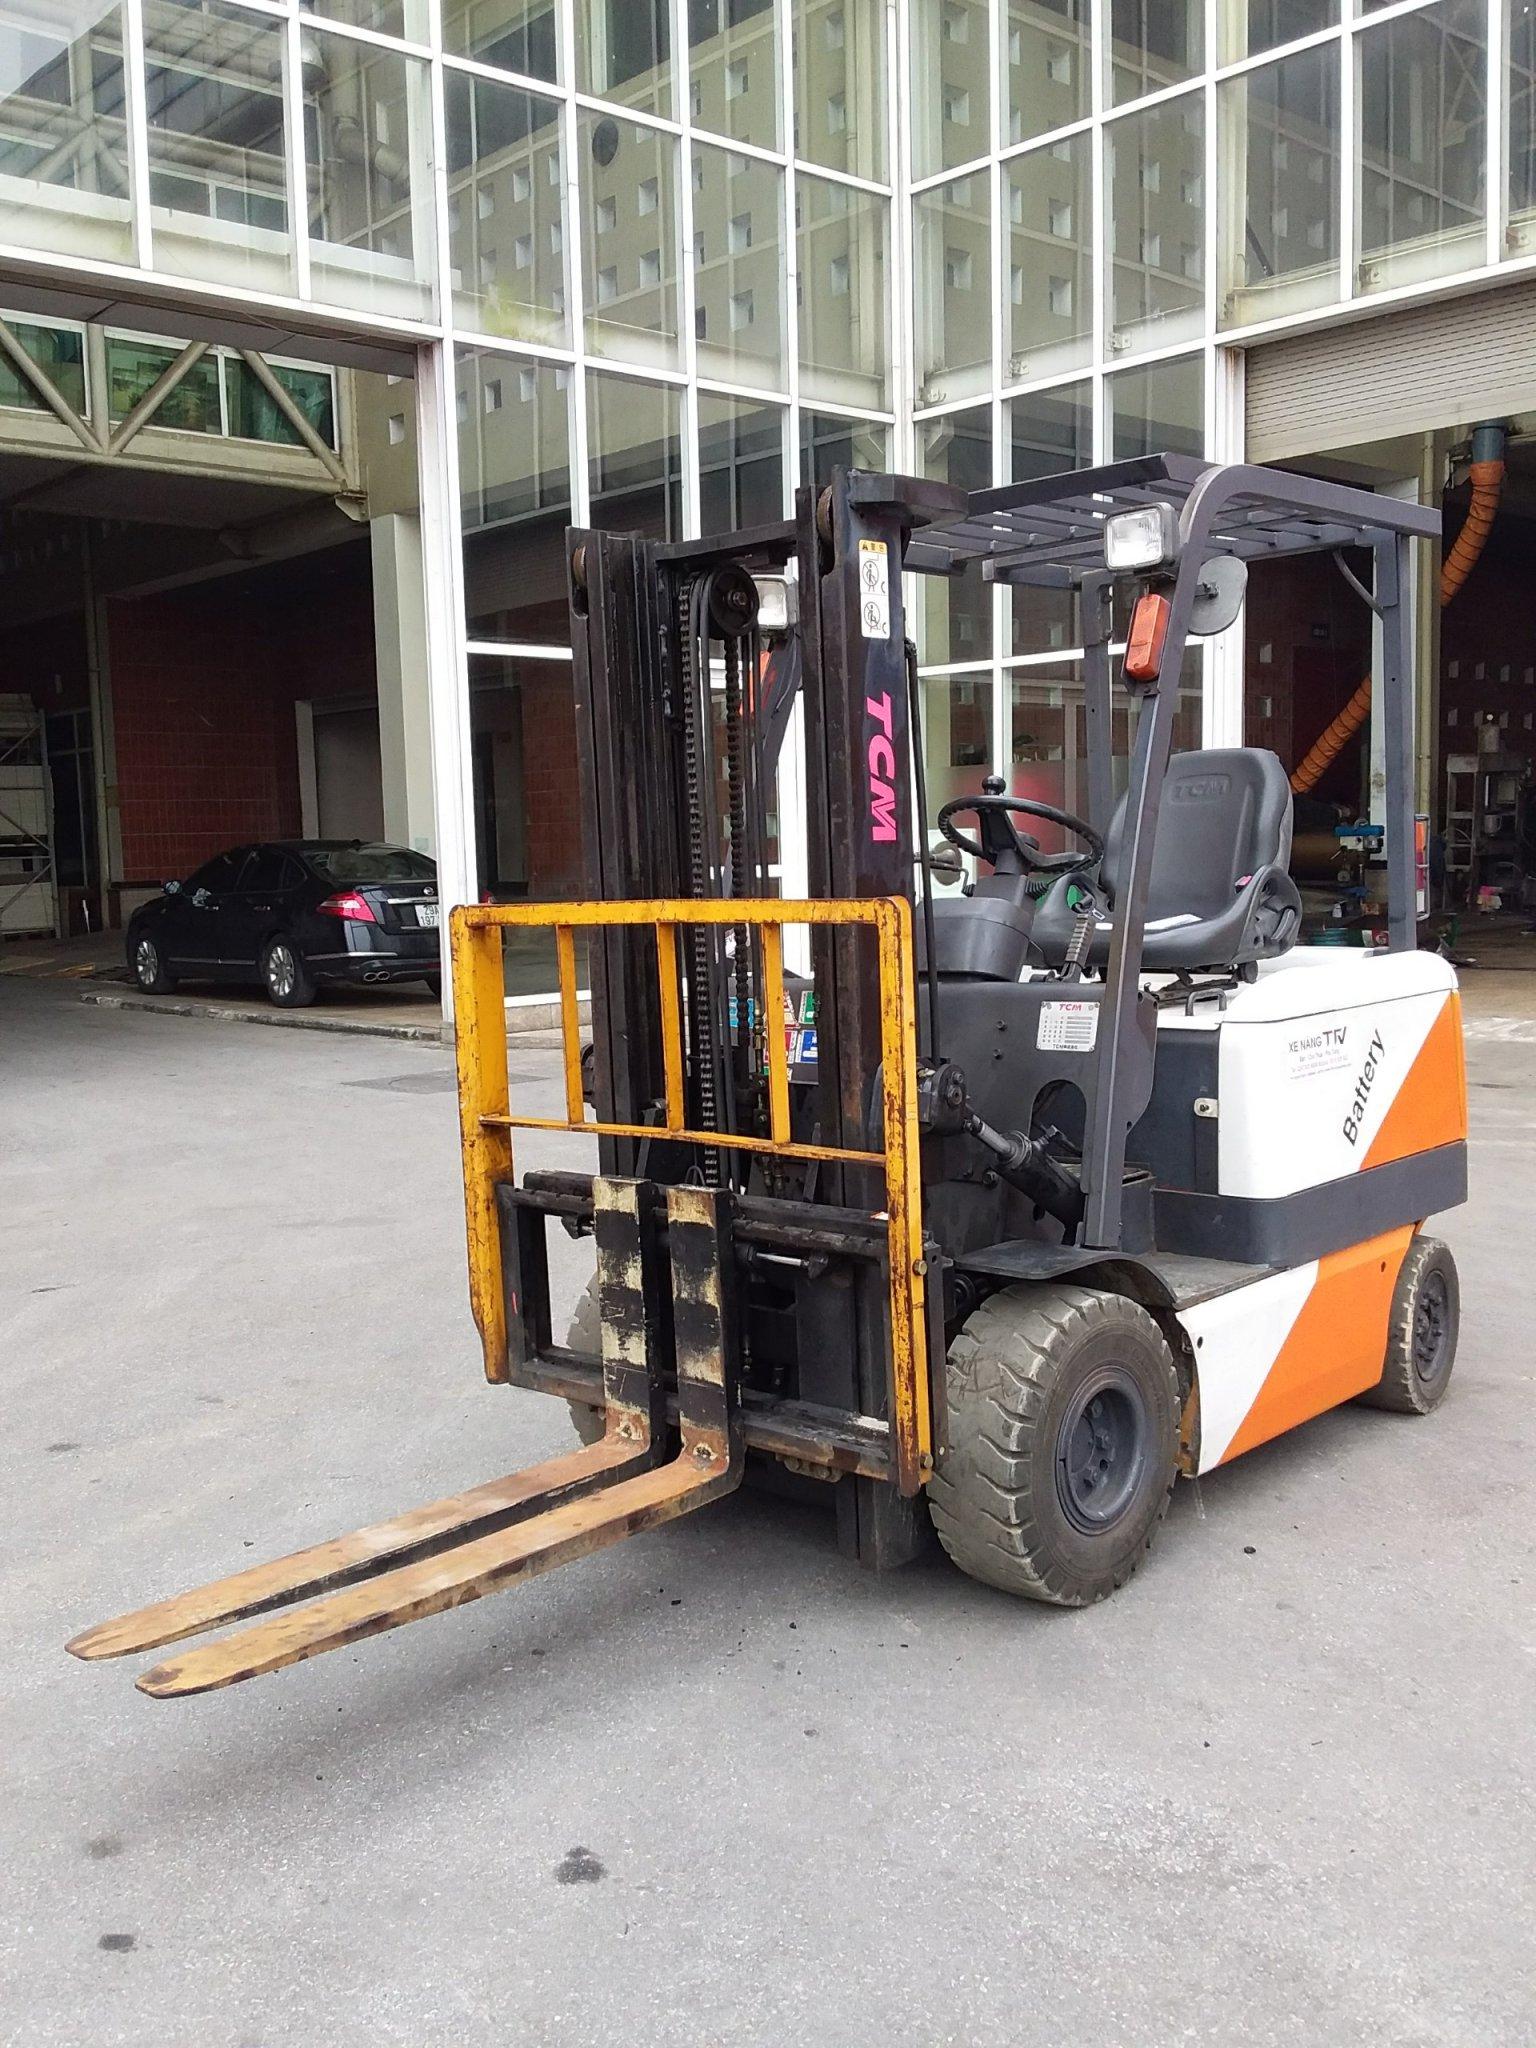 Xe nâng điện TCM 2,0t, v3000, 2001, Model FB20-6, Số khung 77L02211, Giá tốt cho người dùng cuối, sẵn hàng tại TFV Mê Linh Paza